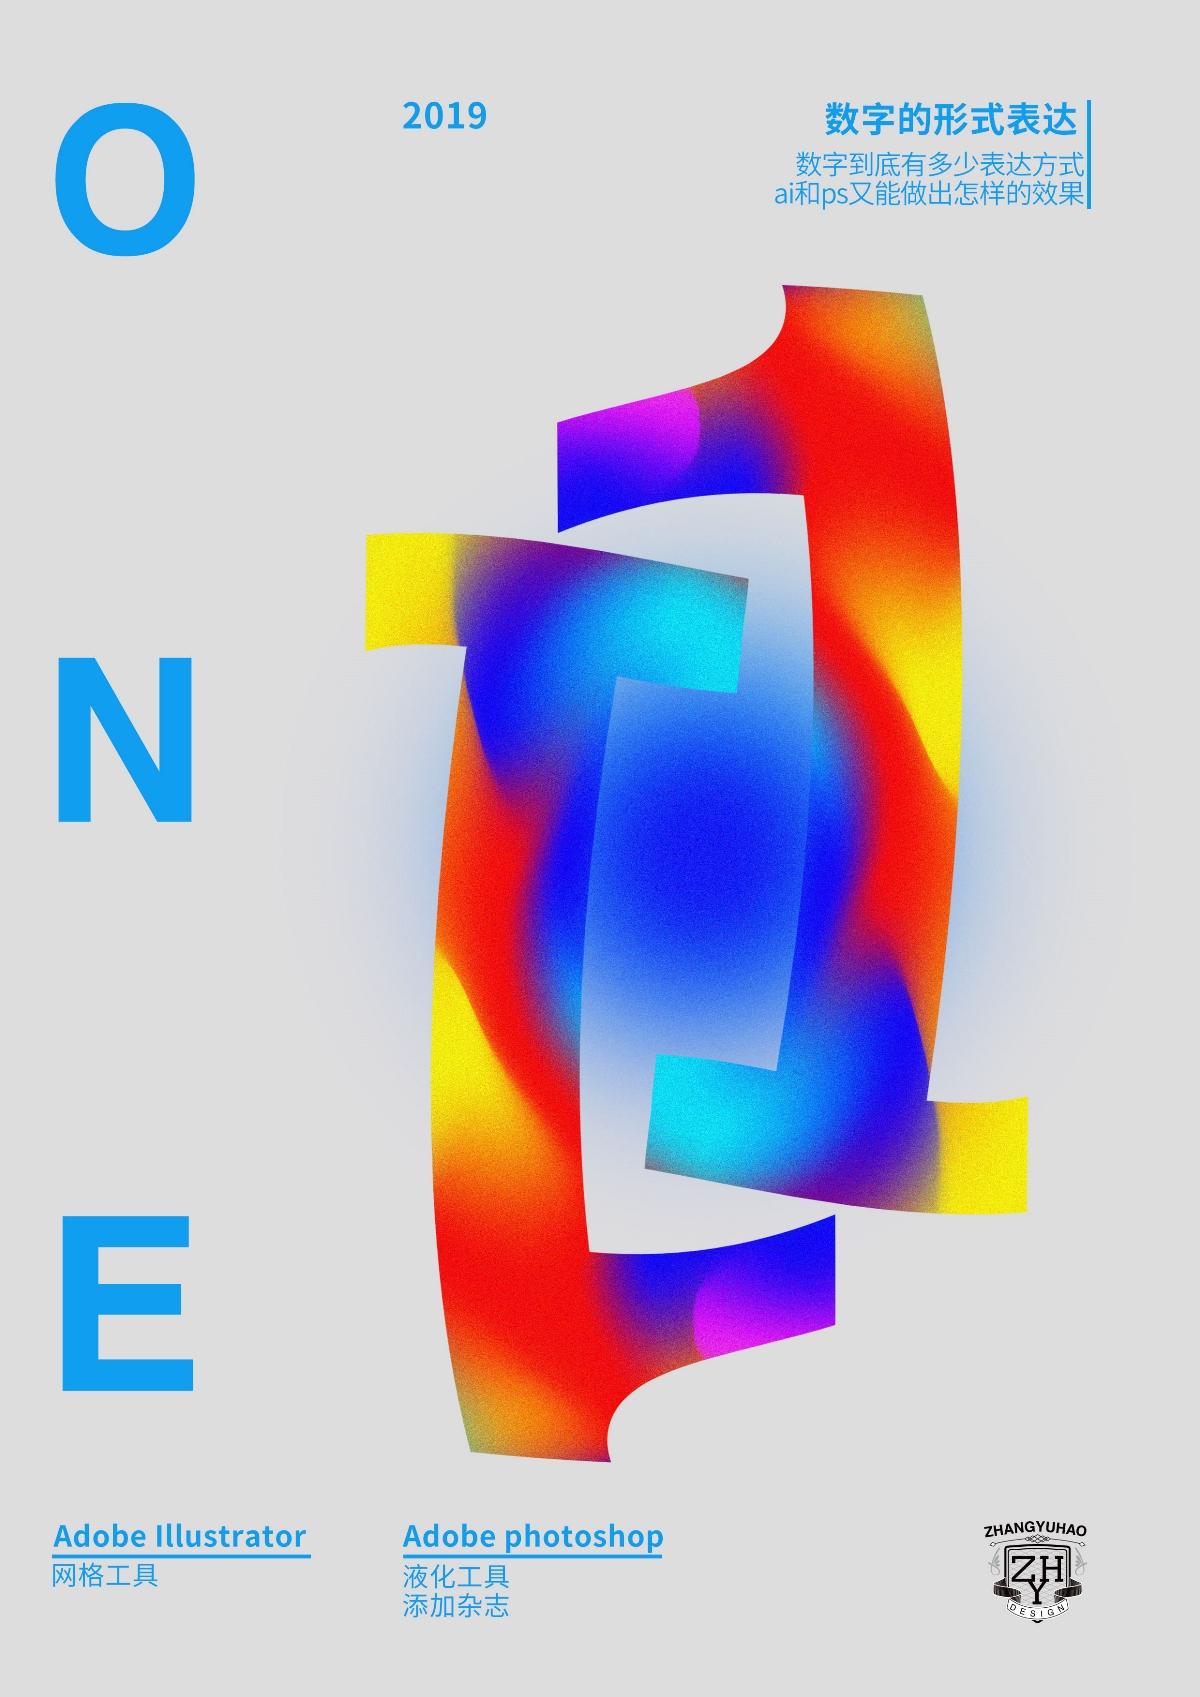 [未来主义]数字的表达形式